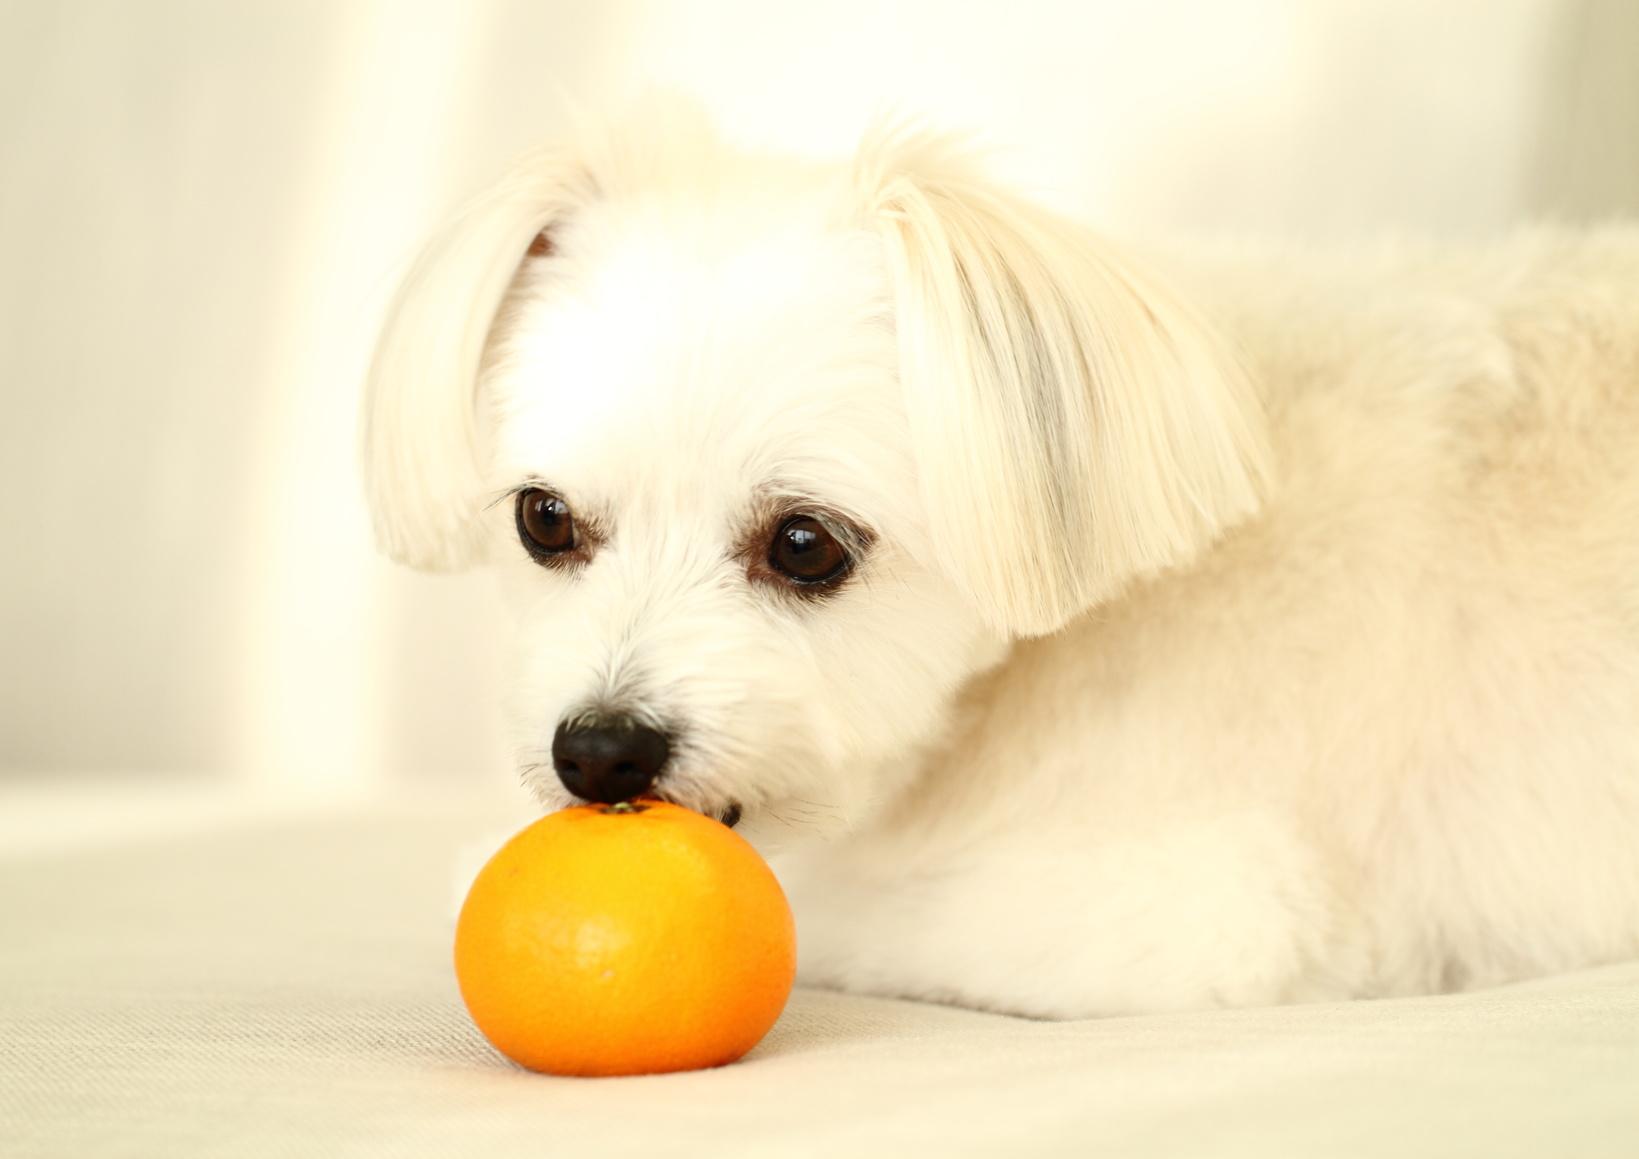 愛犬はみかんを食べても大丈夫?栄養満点なみかんを愛犬にあげよう